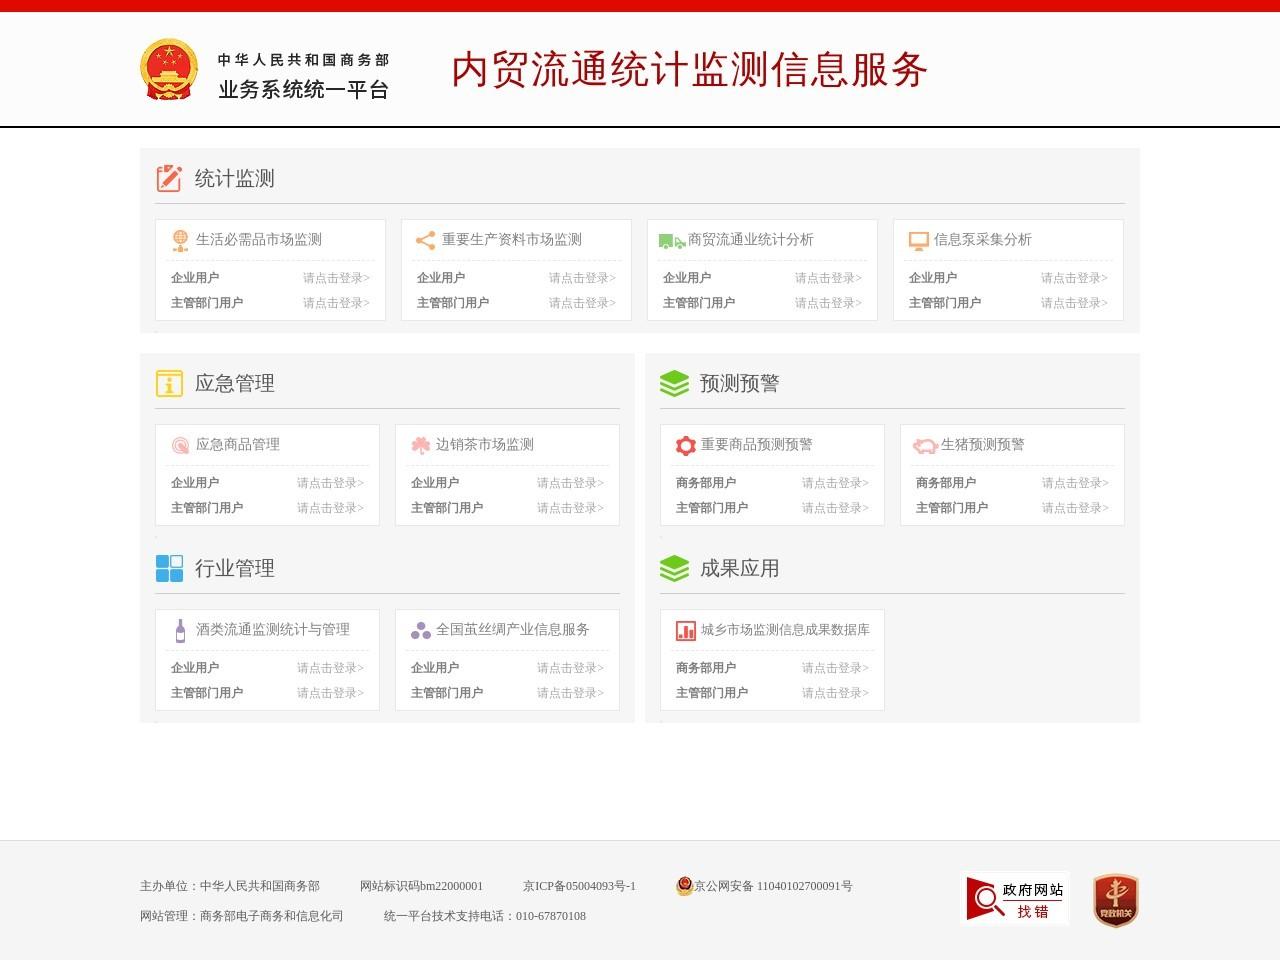 商务部内贸流通统计监测信息服务平台